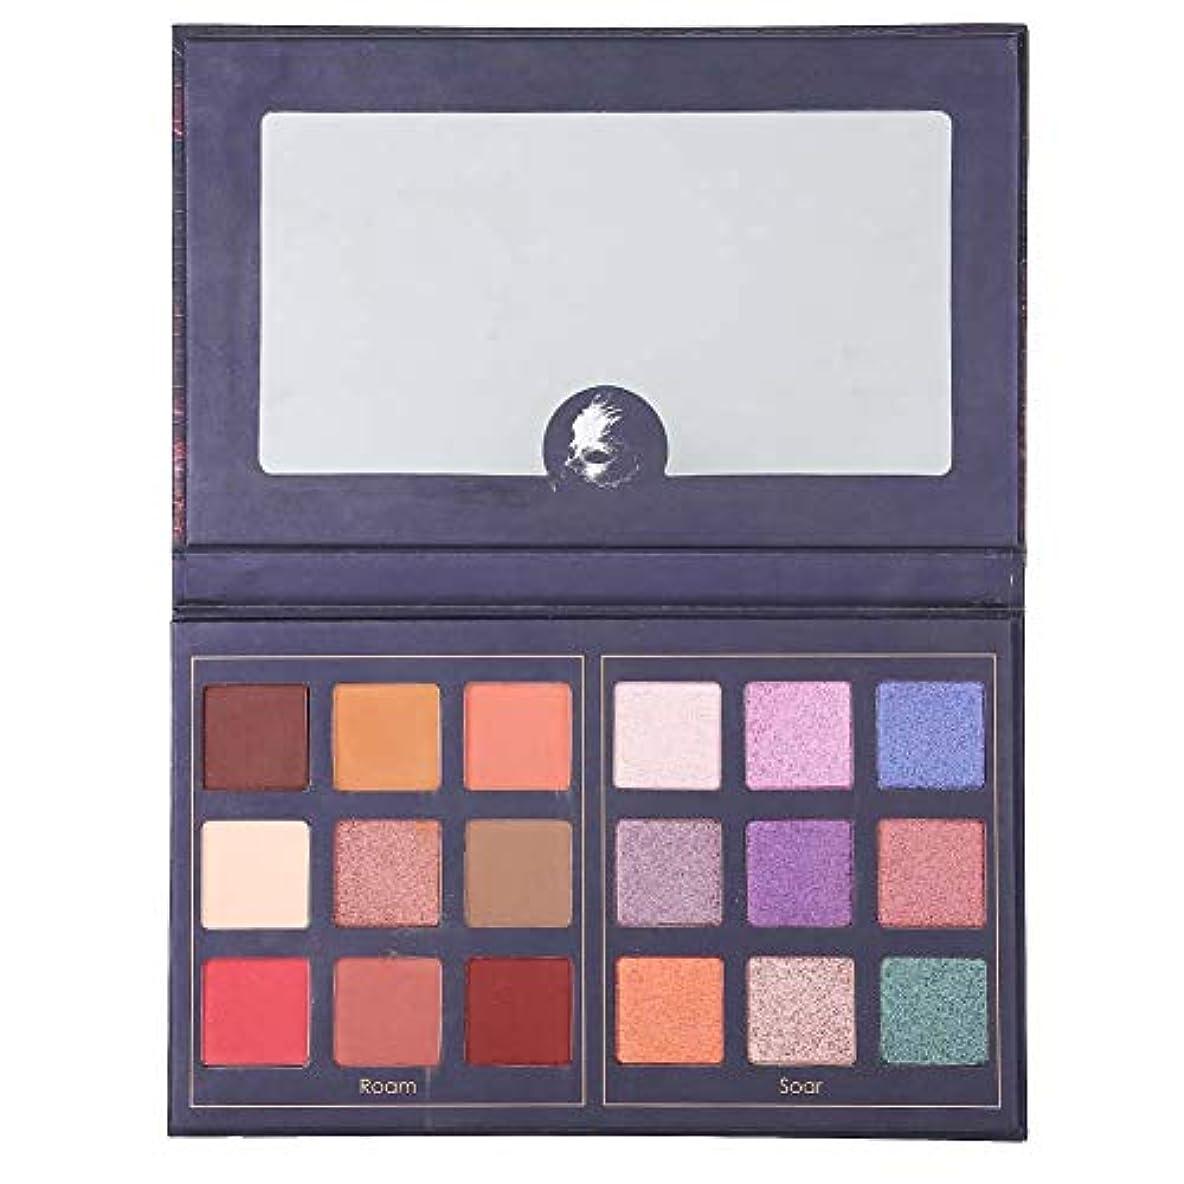 差別する覚えている勤勉アイシャドウパレットグリッター 18色 美しい 化粧品アイシャドウ化粧パウダー